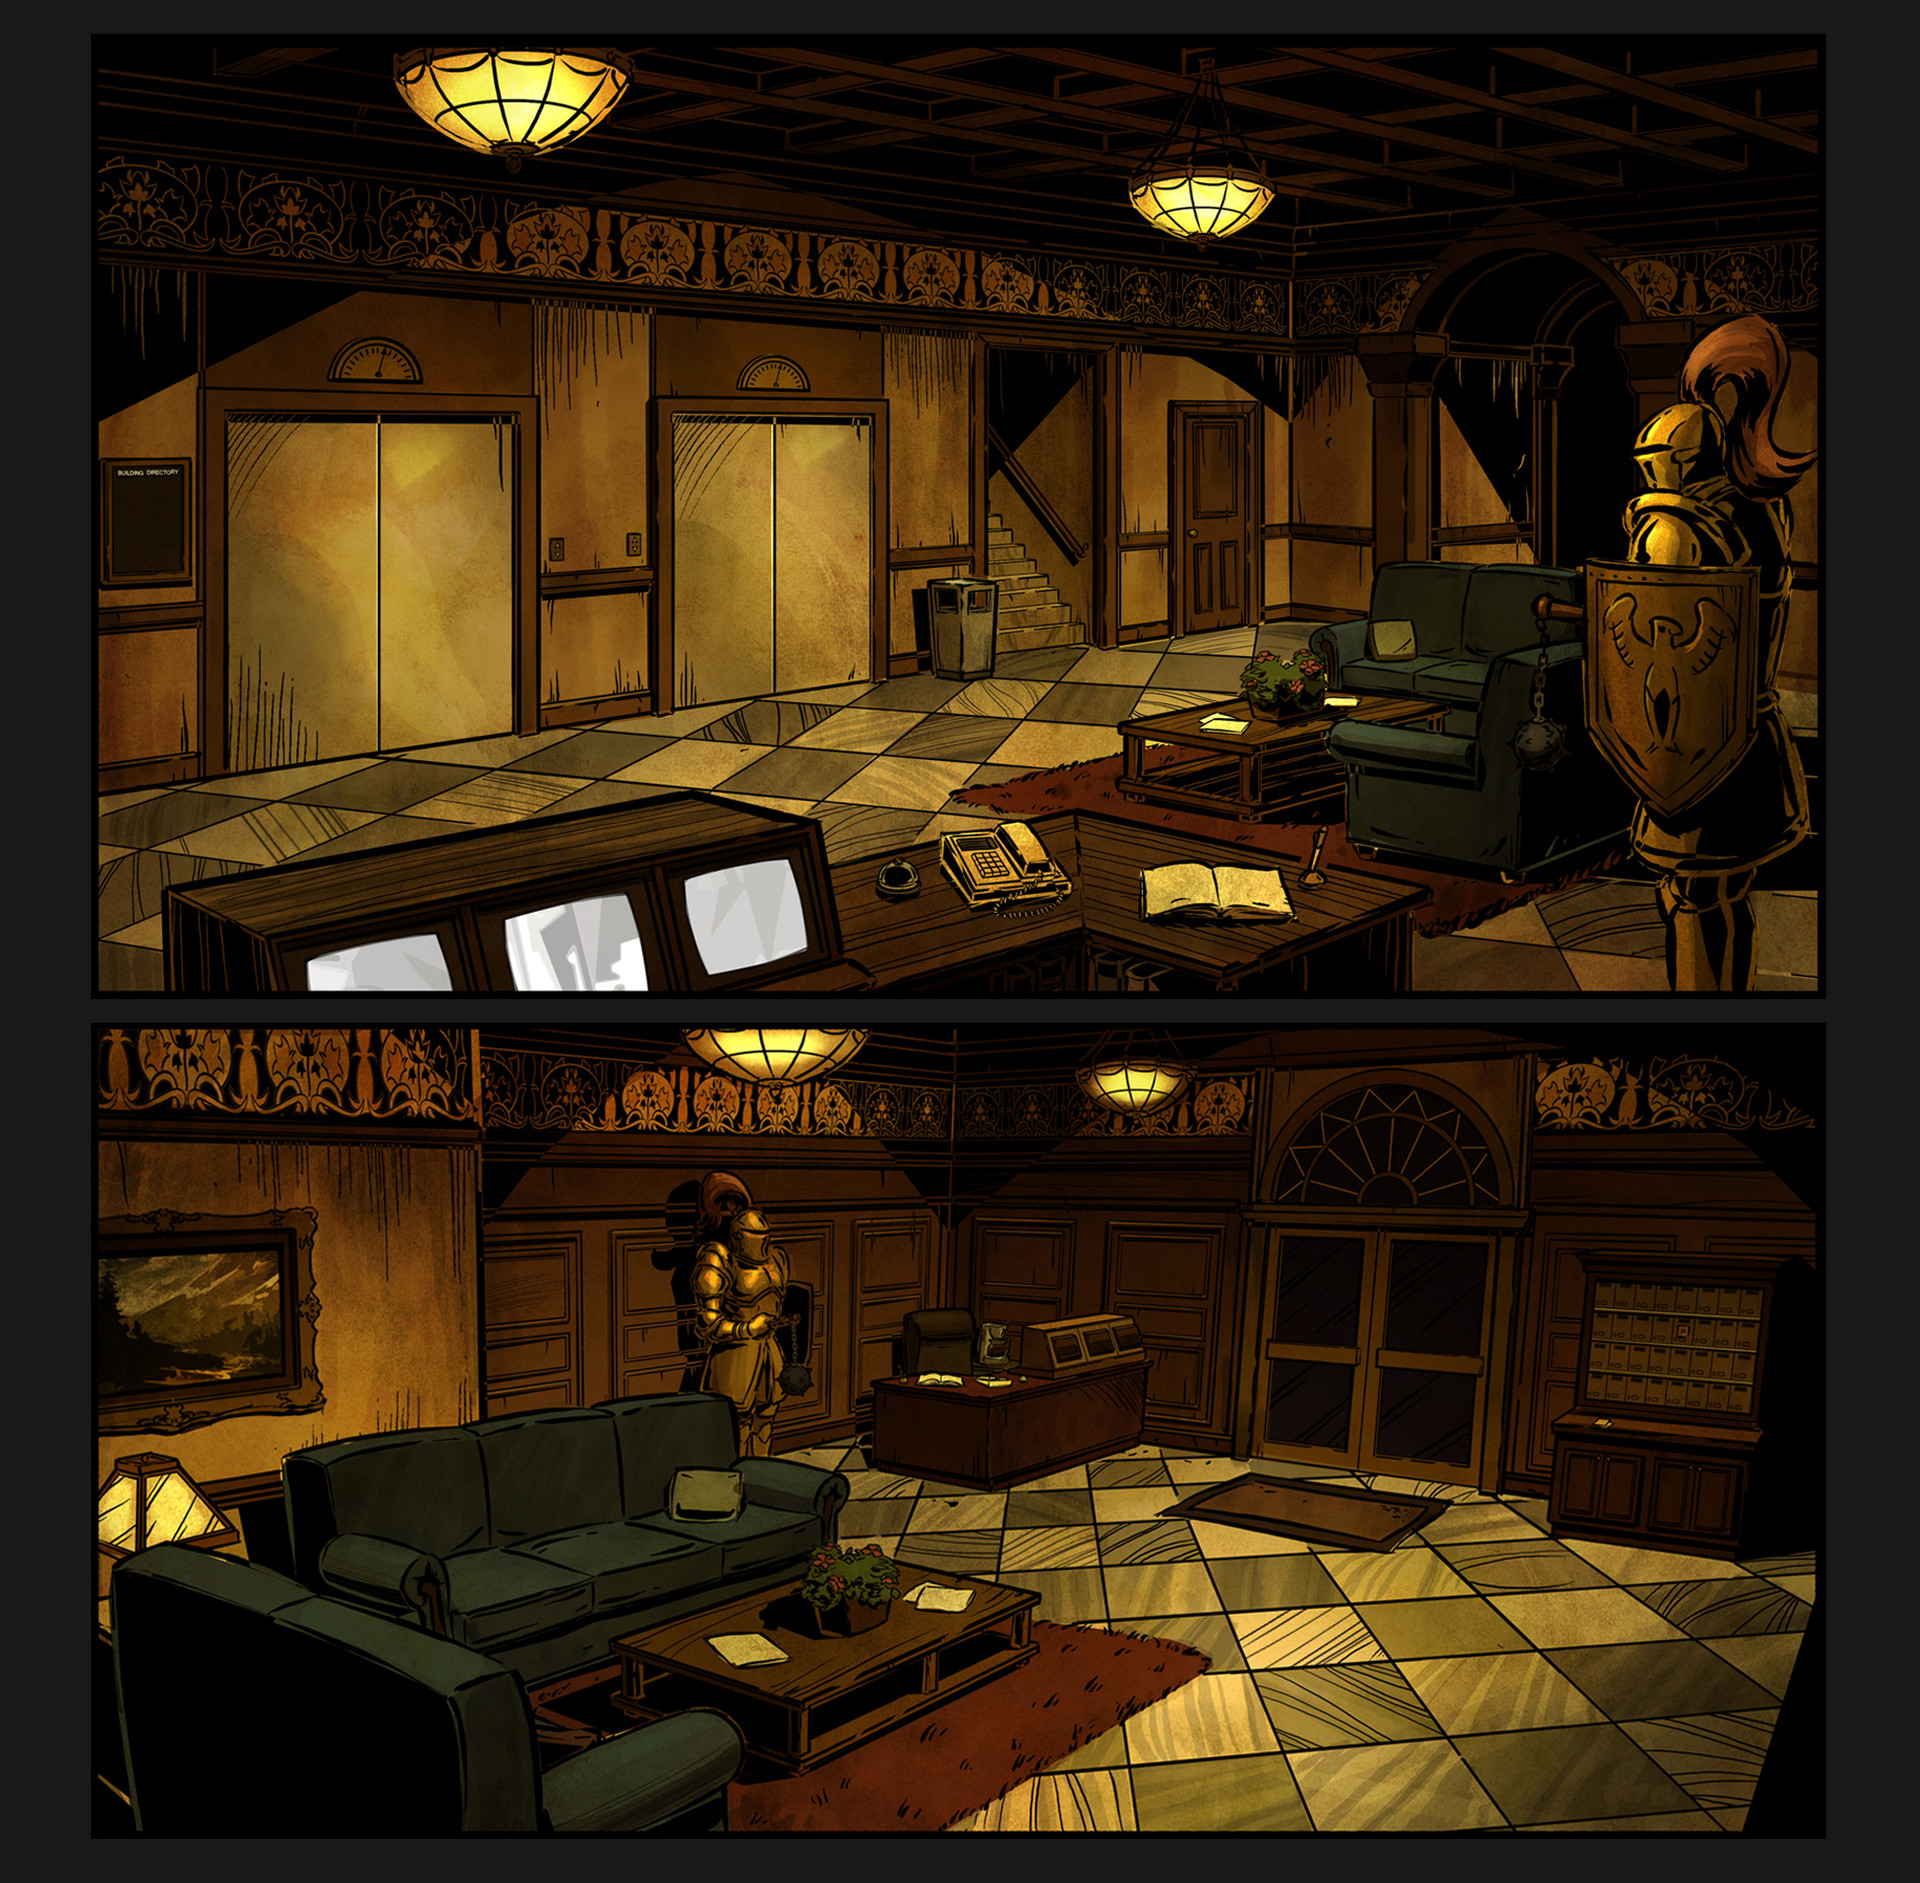 Telltale禦用美術師概念畫 畫風唯美細膩有視覺衝擊感